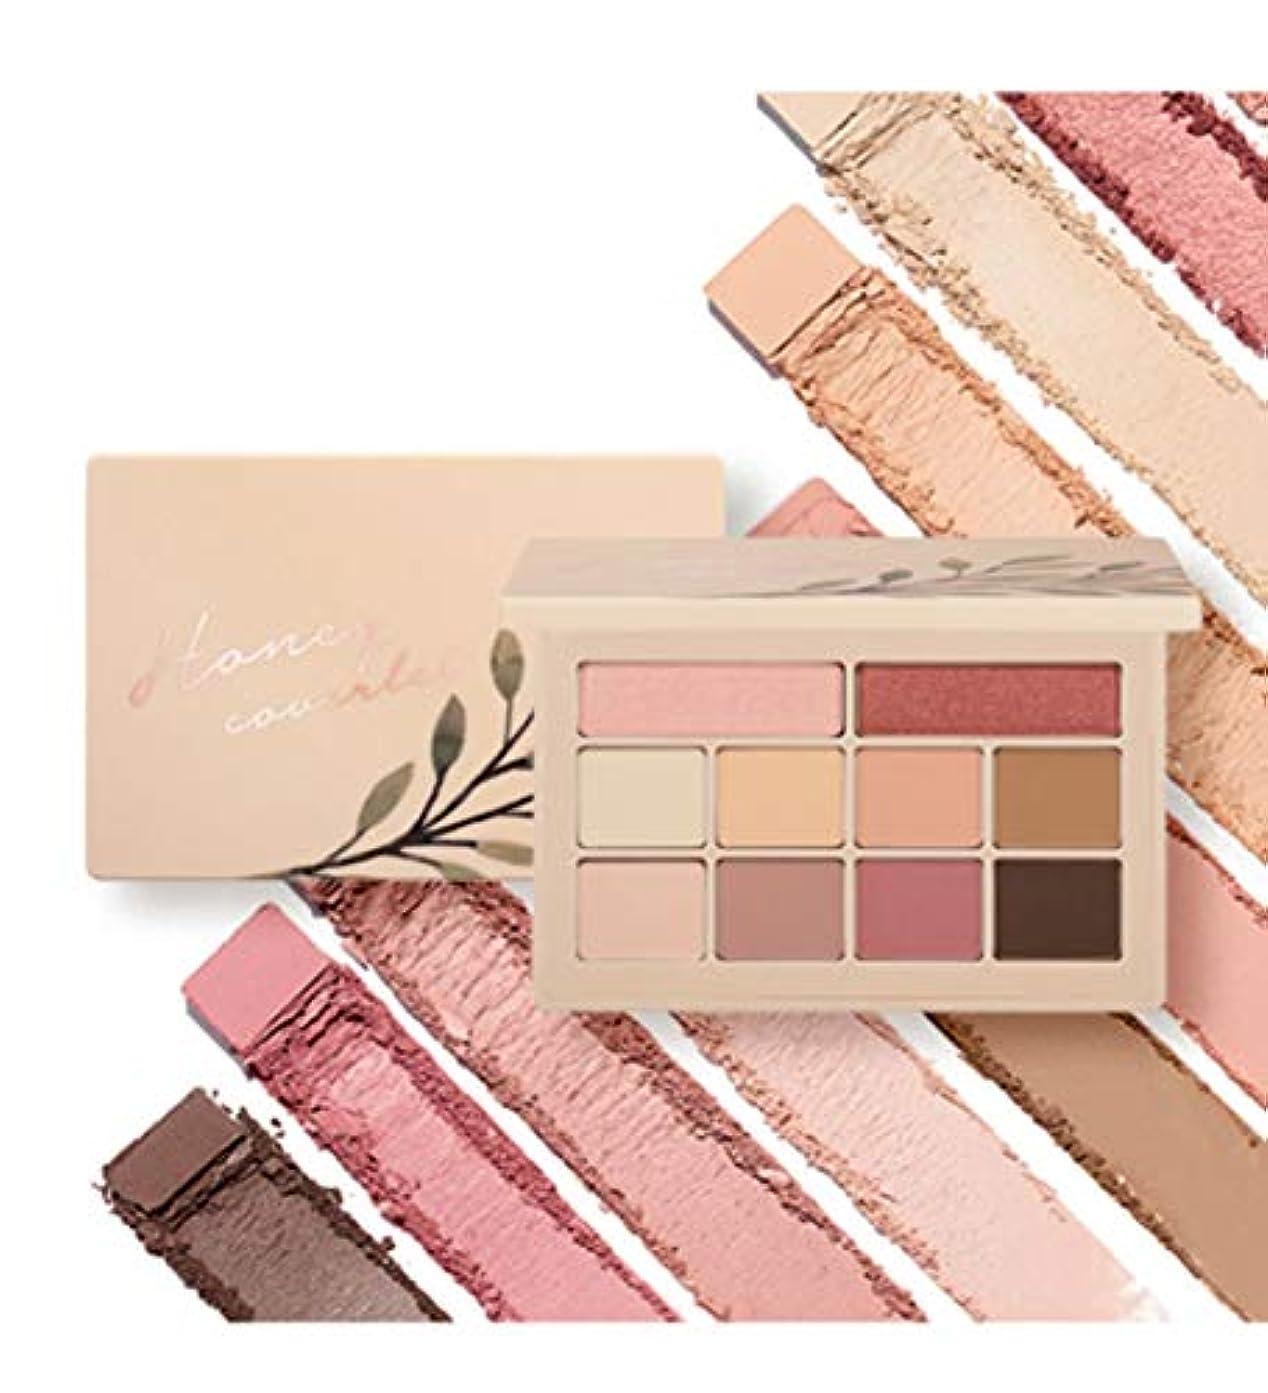 スイッチ地上の取るに足らないMoonshot Honey Coverlet Eyeshadow Palette YOO IN-NA COLLECTIONwarm tone&cool tone 10色のアイシャドウ(並行輸入品)